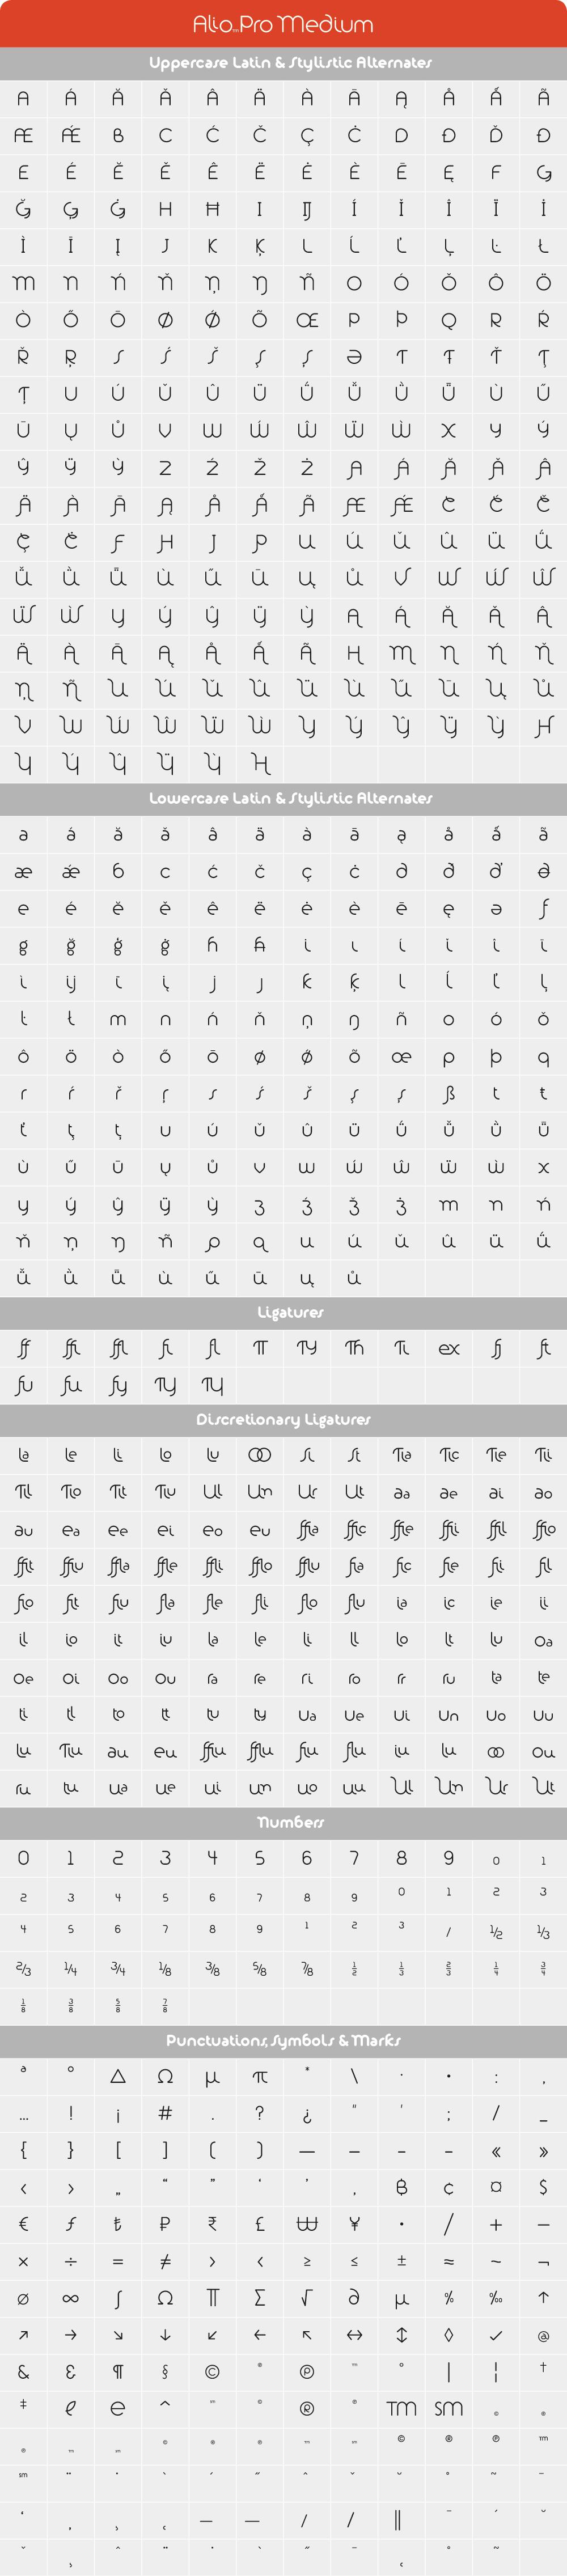 Alio Pro Medium Glyph Set